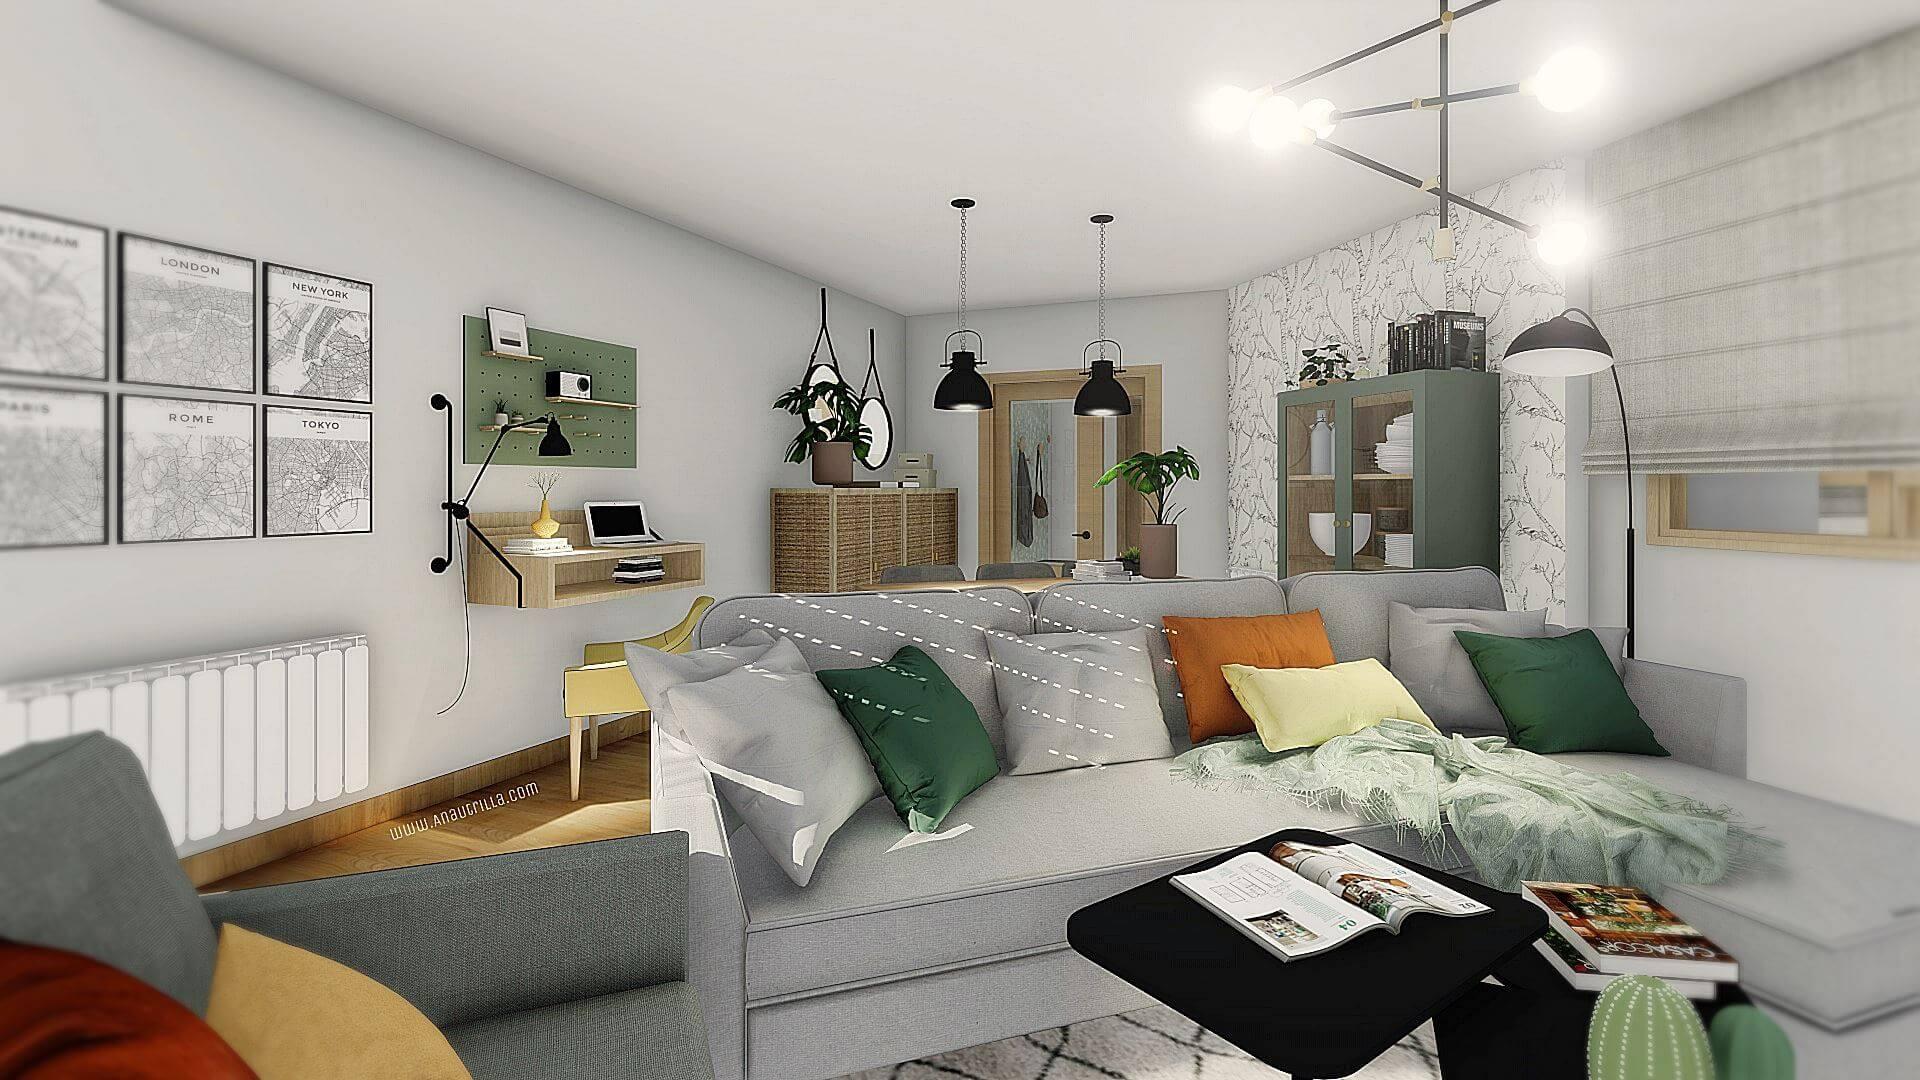 Proyecto reforma integral en Ciudad Real, de estilo japandi, nórdico, wellness. Proyecto de interiorirsmo a medida en 3D. #AnaUtrillainteriorismoonline #AnaUtrillainterioristaonline